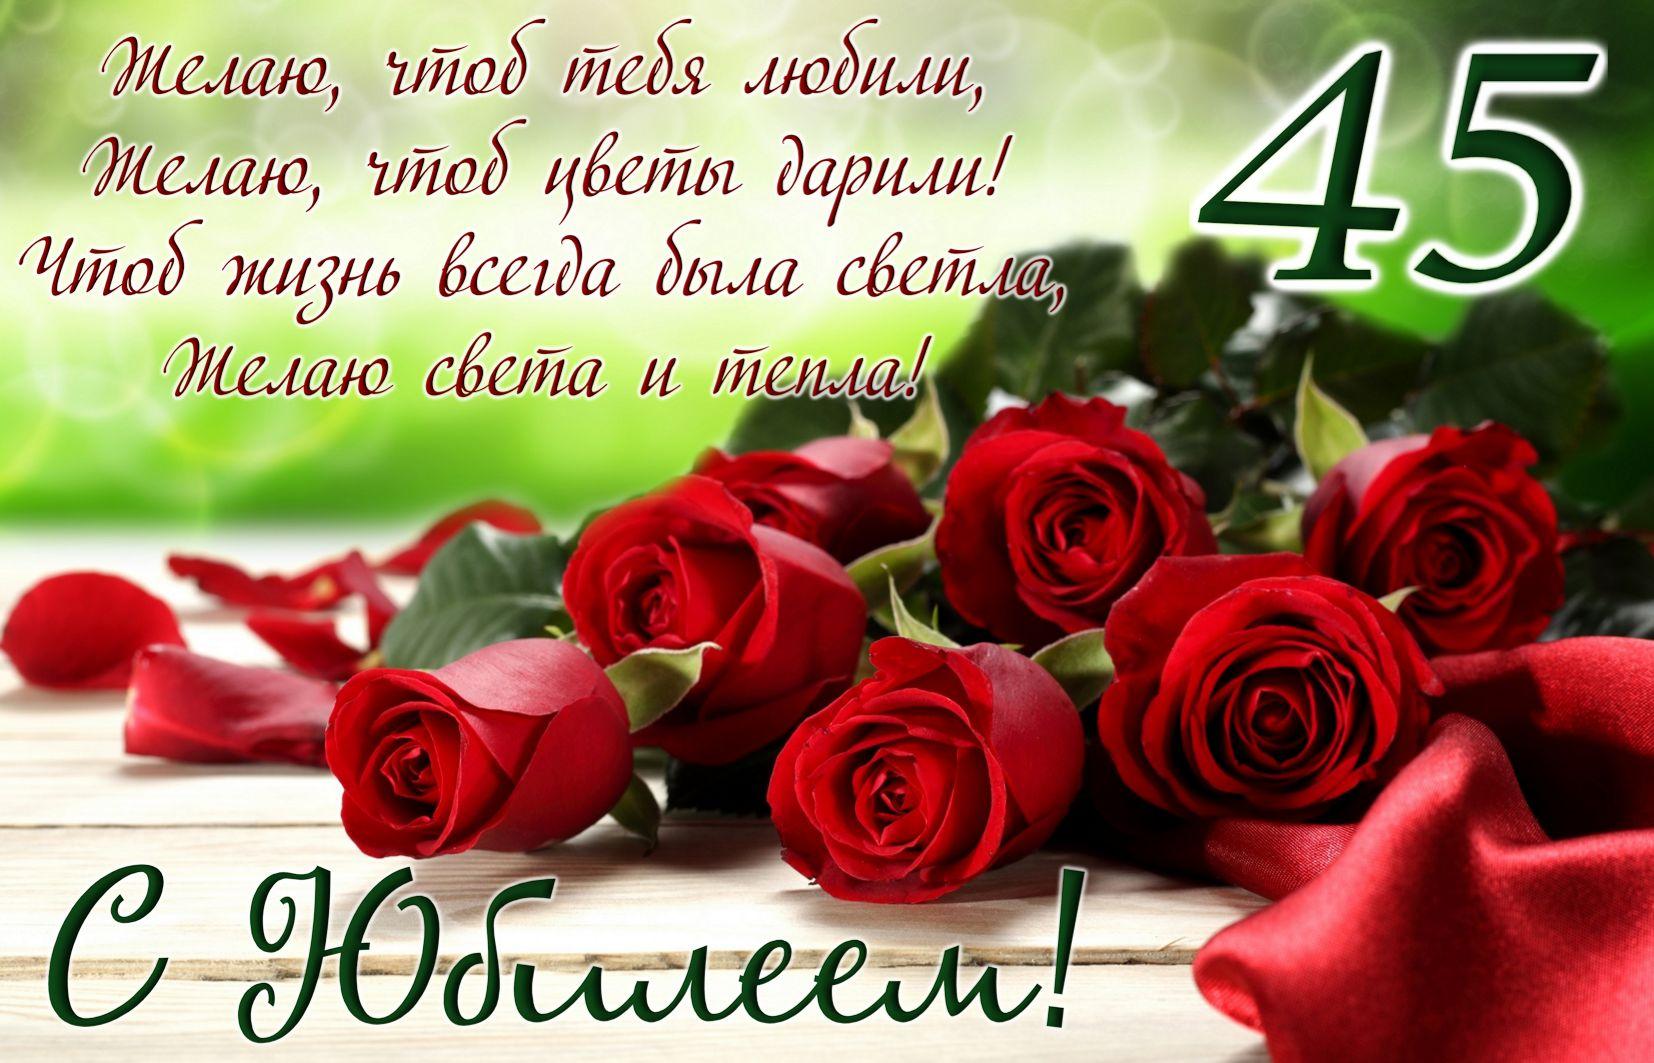 Открытка на юбилей 45 лет - красные розы в красивом оформлении